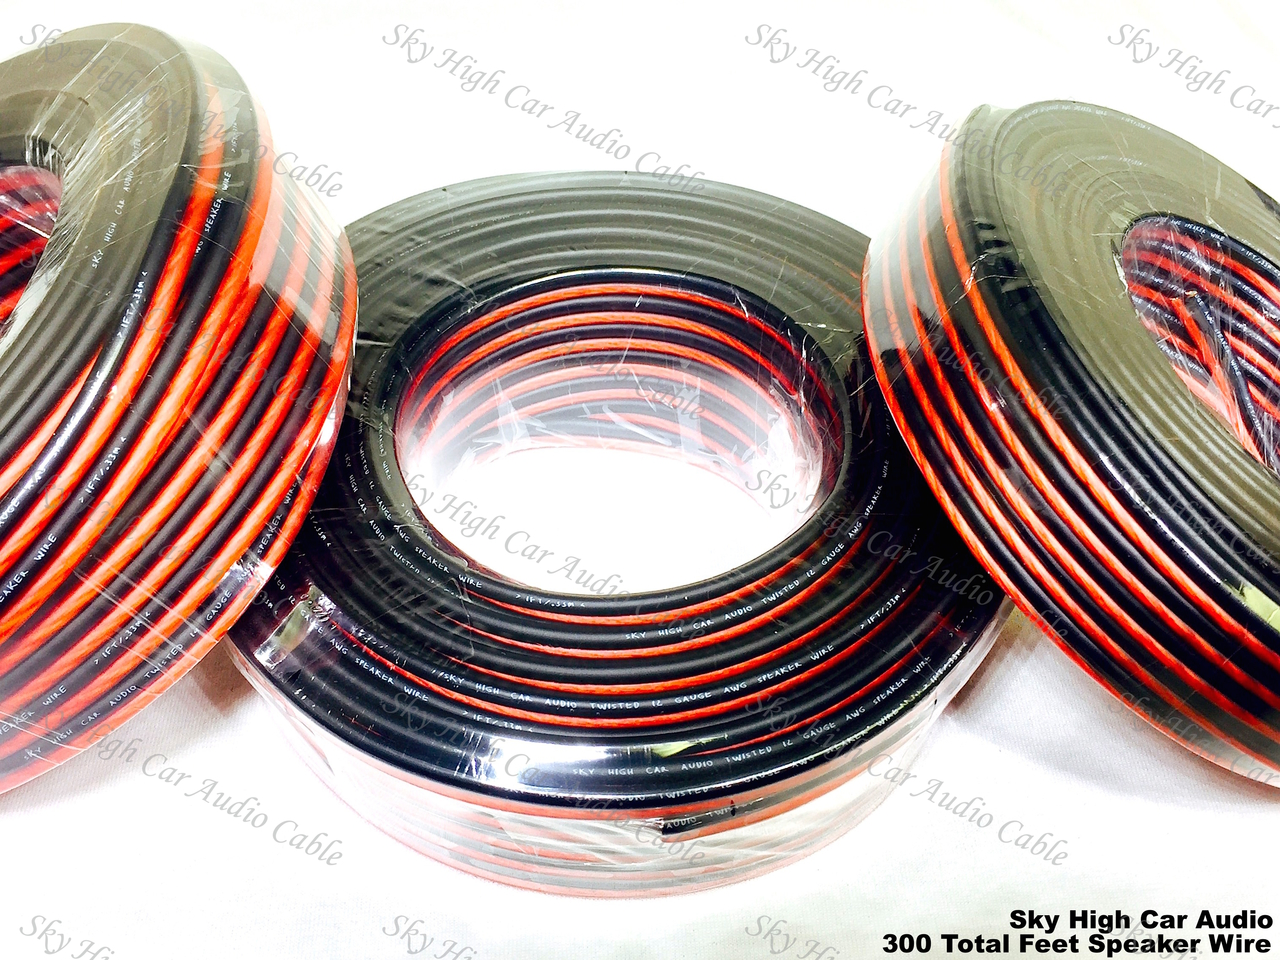 100' feet EACH 10 12 & 16 Gauge AWG 300' Speaker Wire